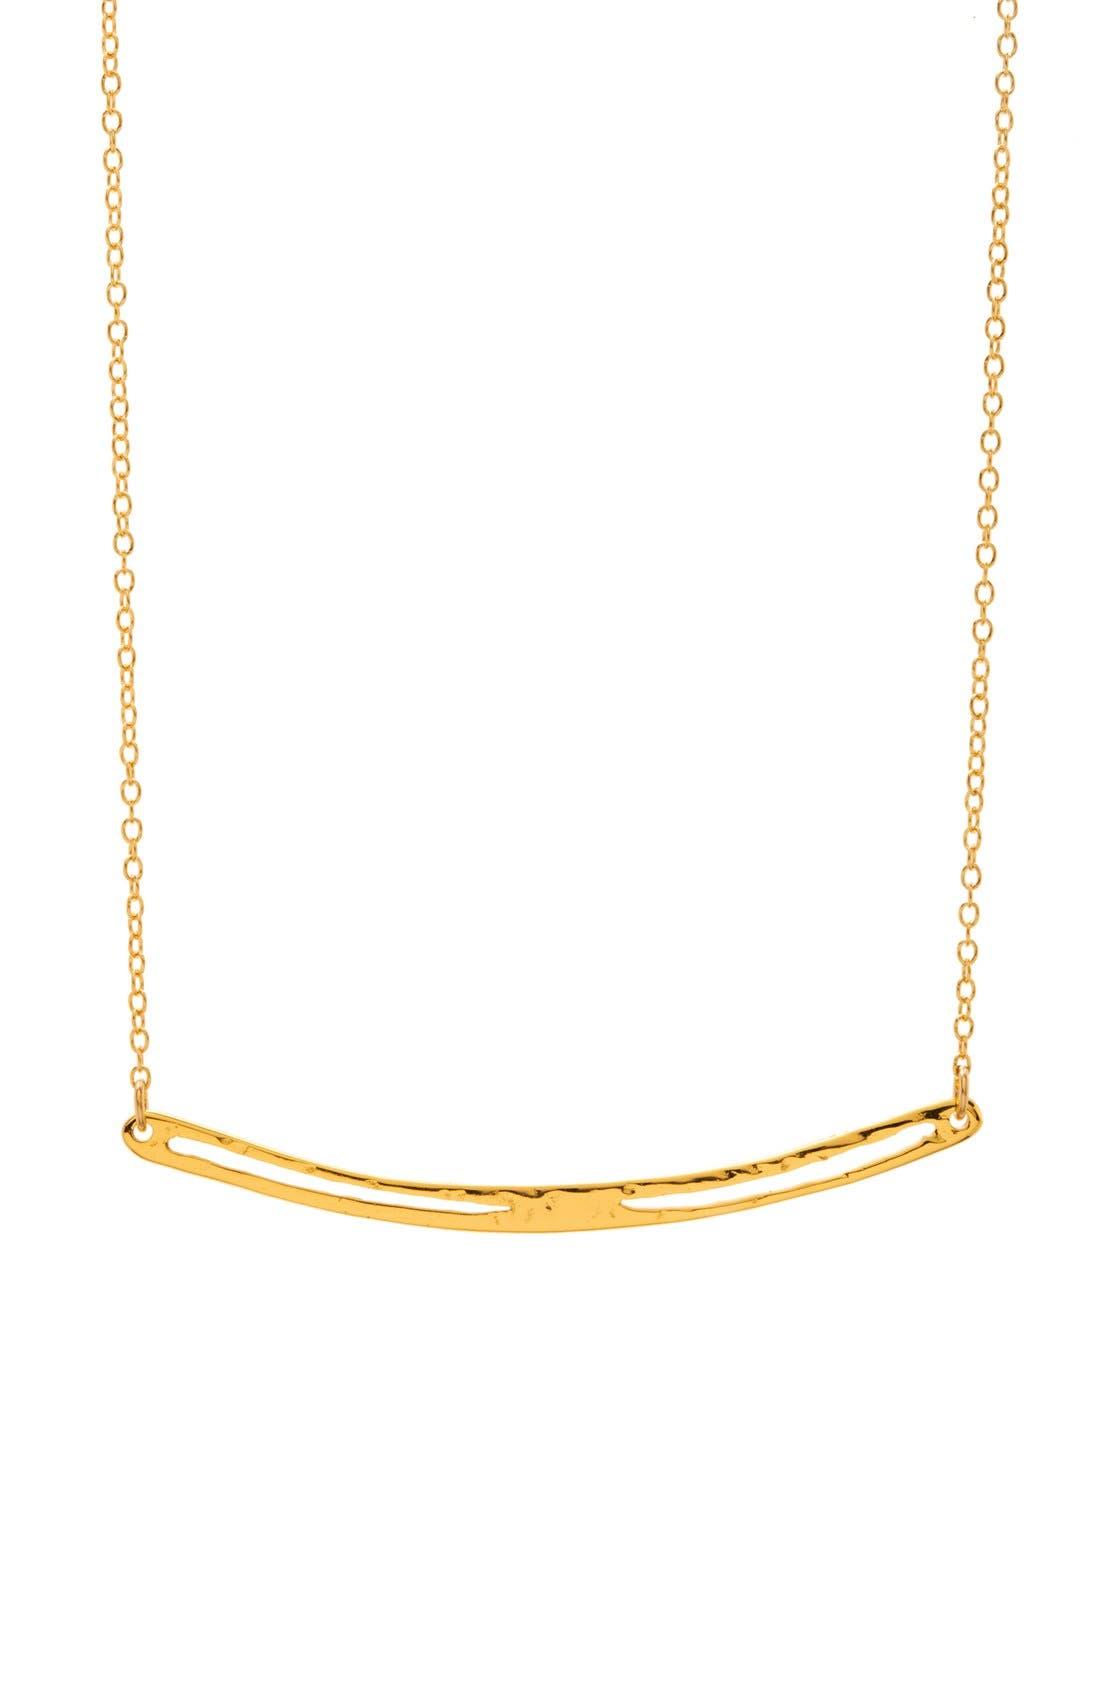 Alternate Image 1 Selected - gorjana 'Taner' Split Bar Pendant Necklace